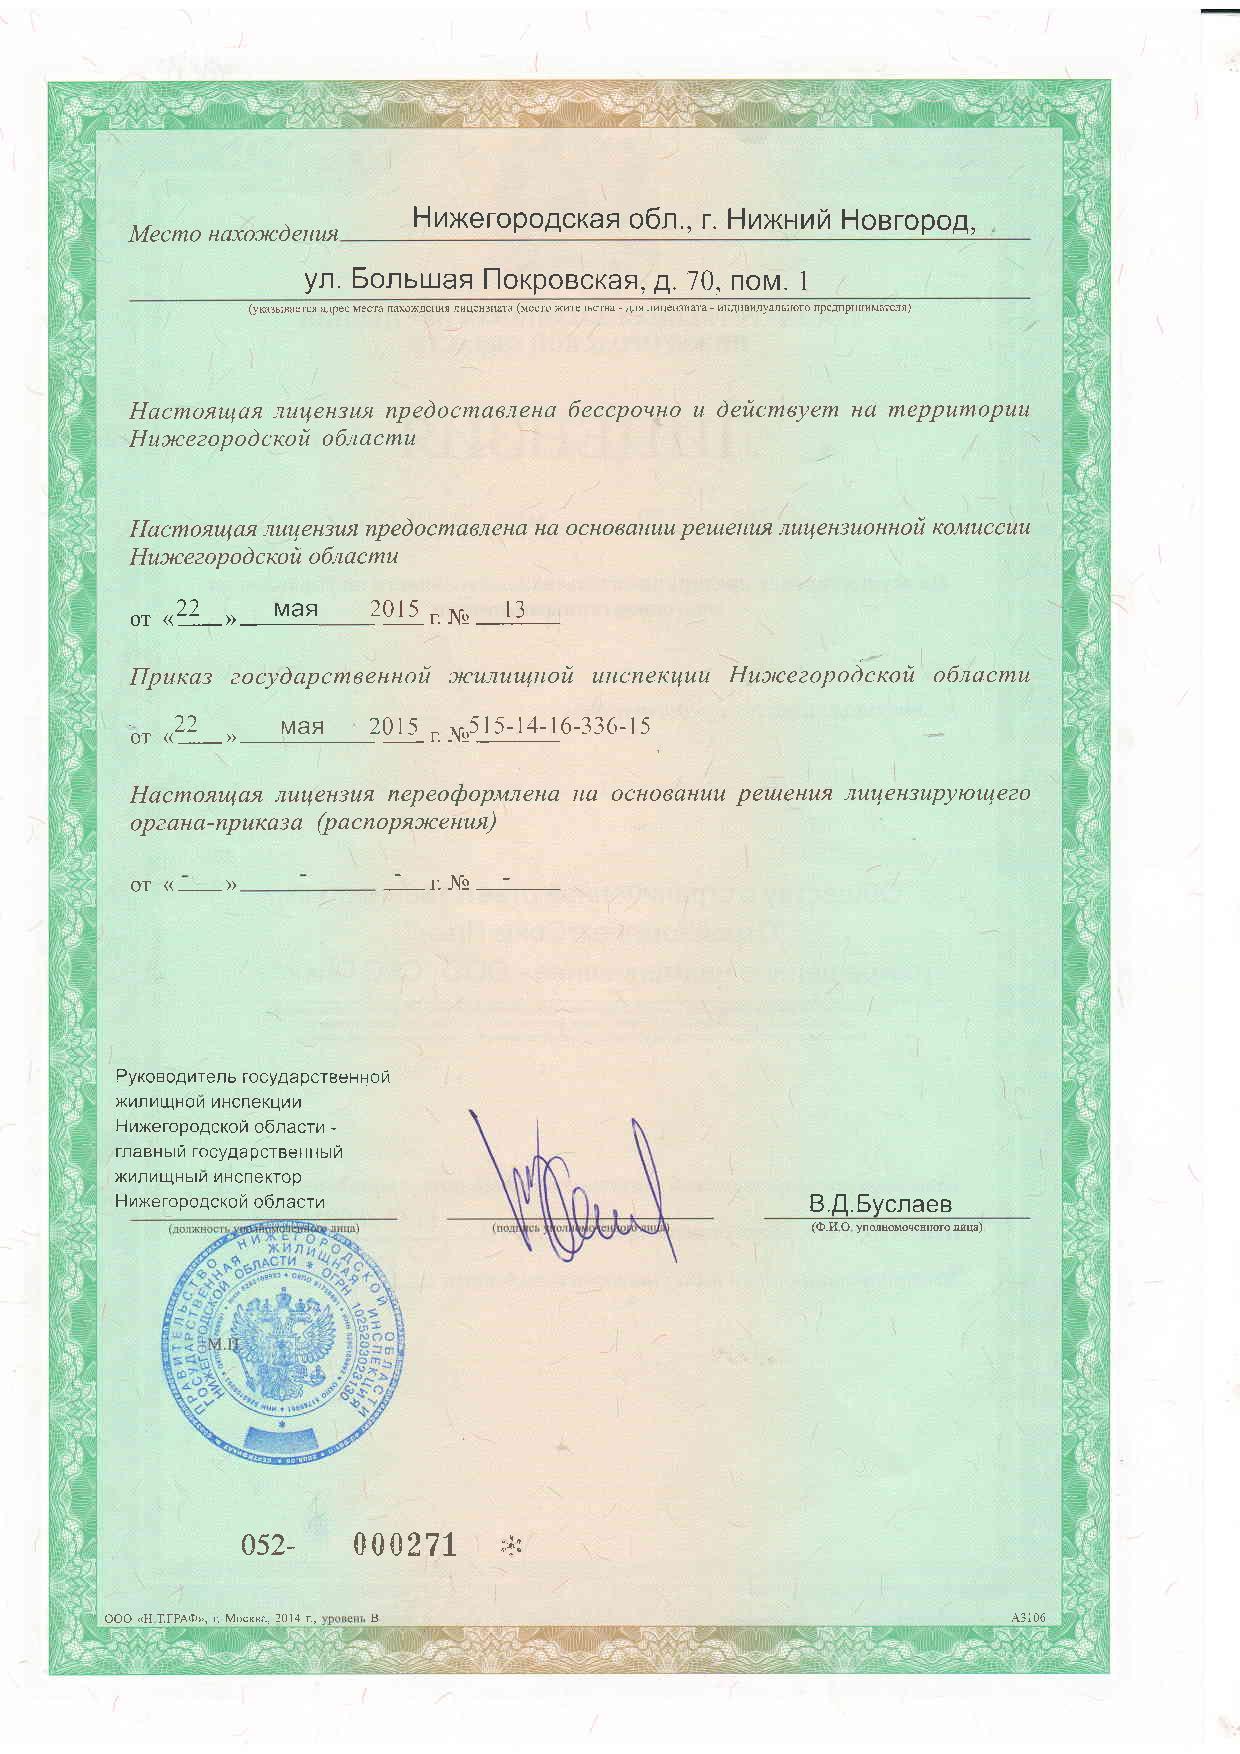 нижегородский водоканал официальный сайт руководство